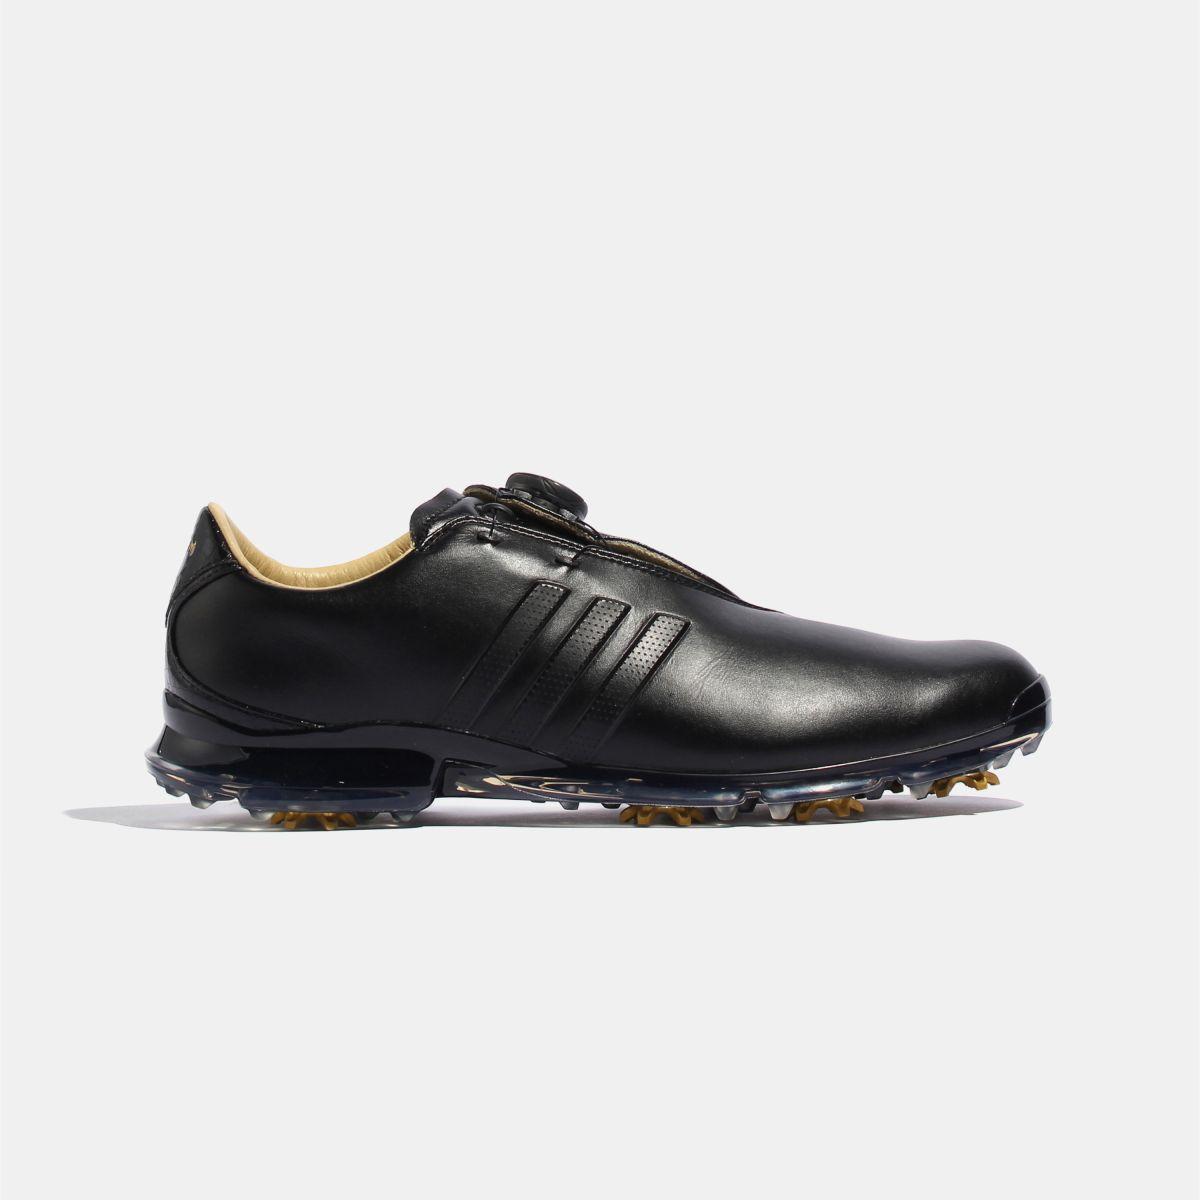 【公式】アディダス adidas アディピュア レイ ボア 2.0 【ゴルフ】 メンズ ゴルフ シューズ スポーツシューズ F33584